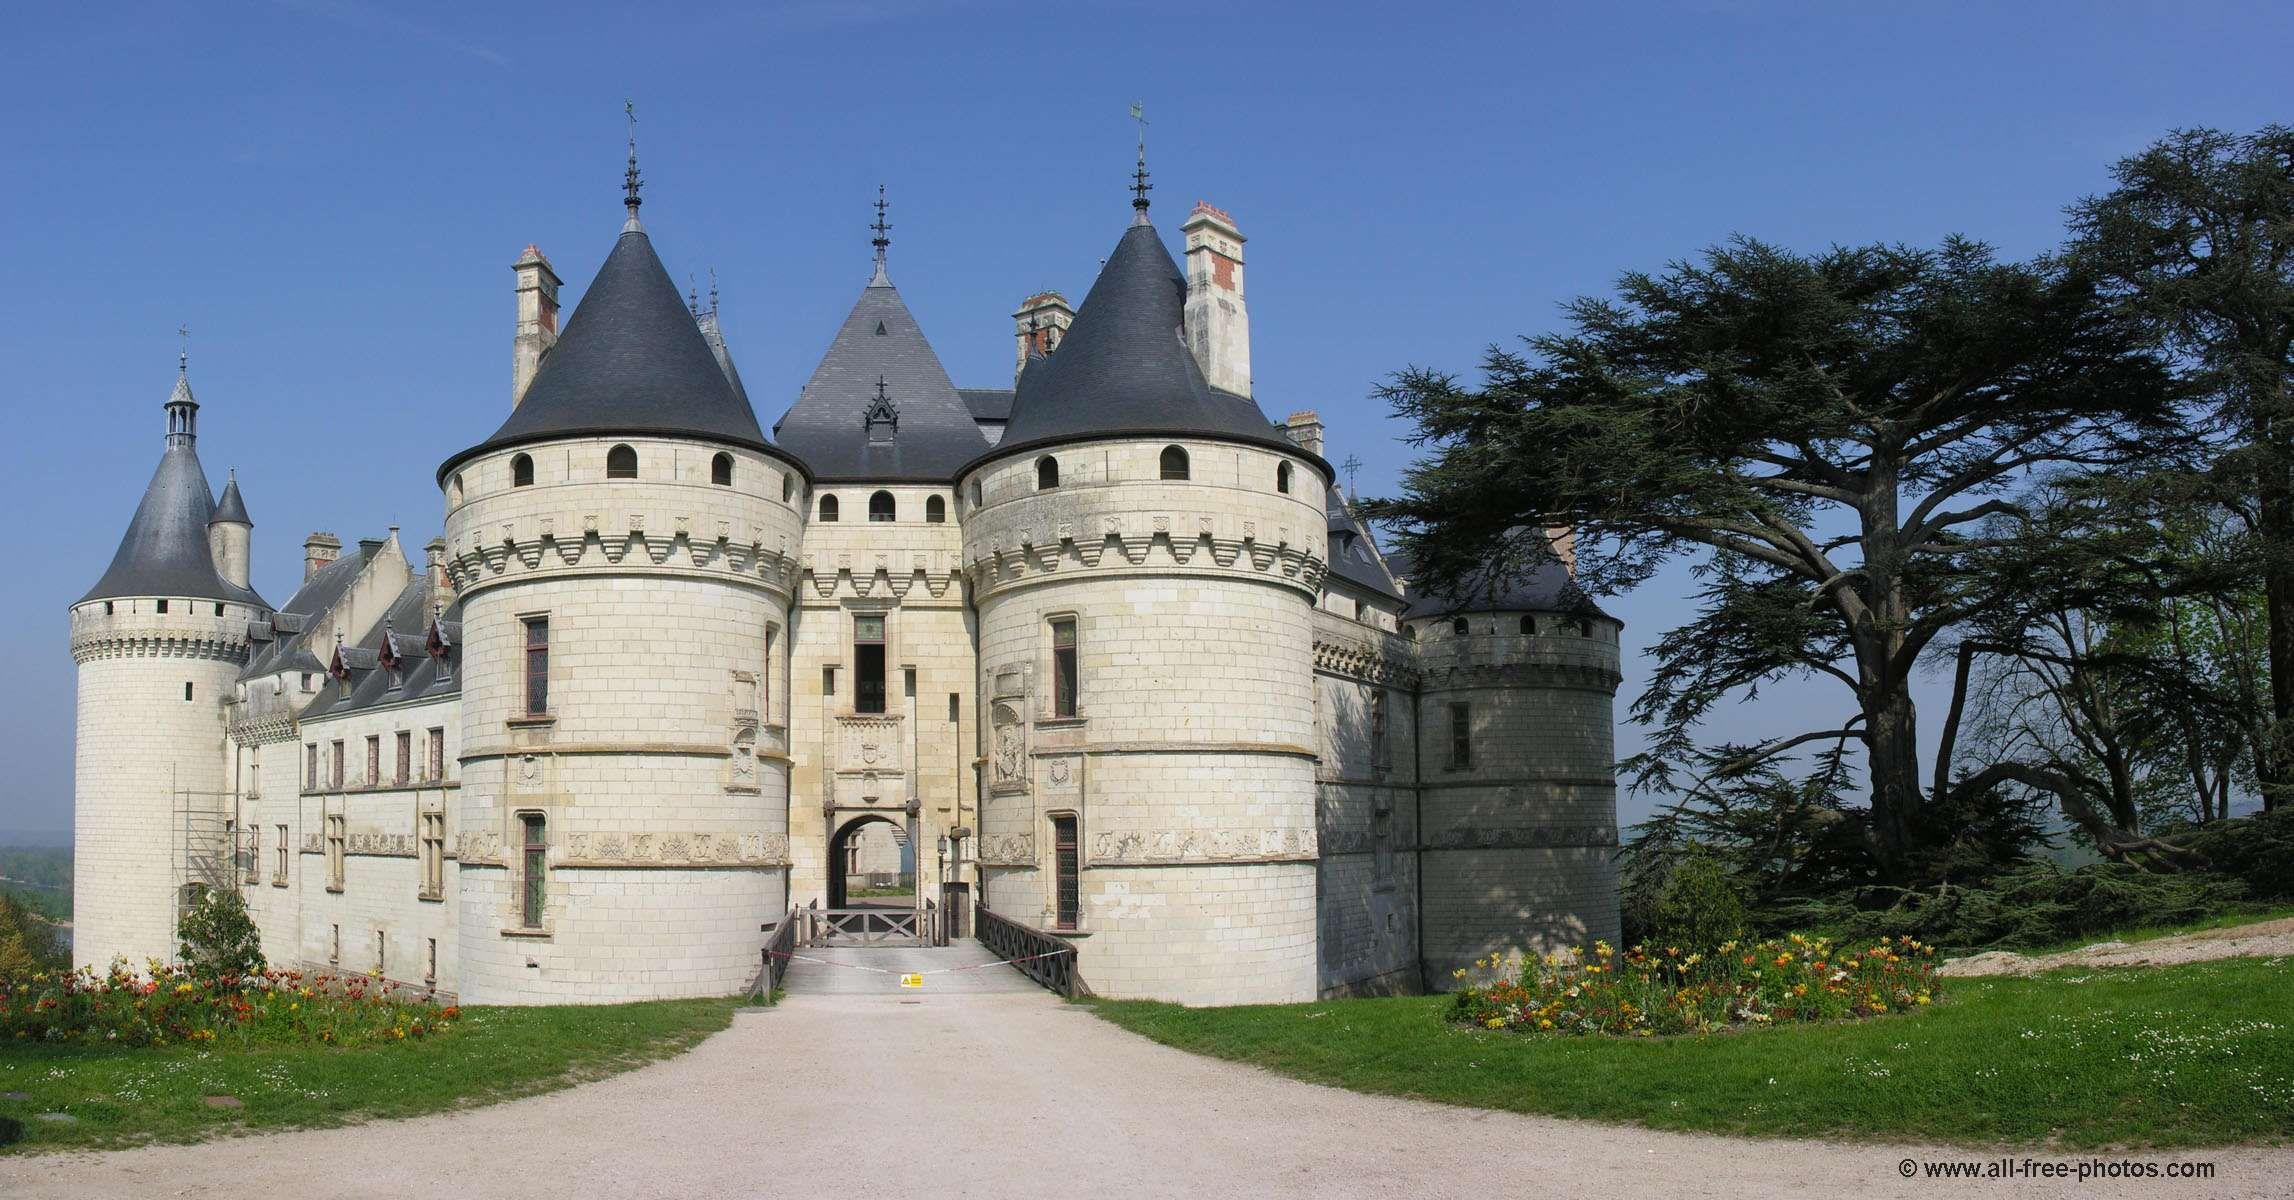 Château de Chaumont sur Loire - France